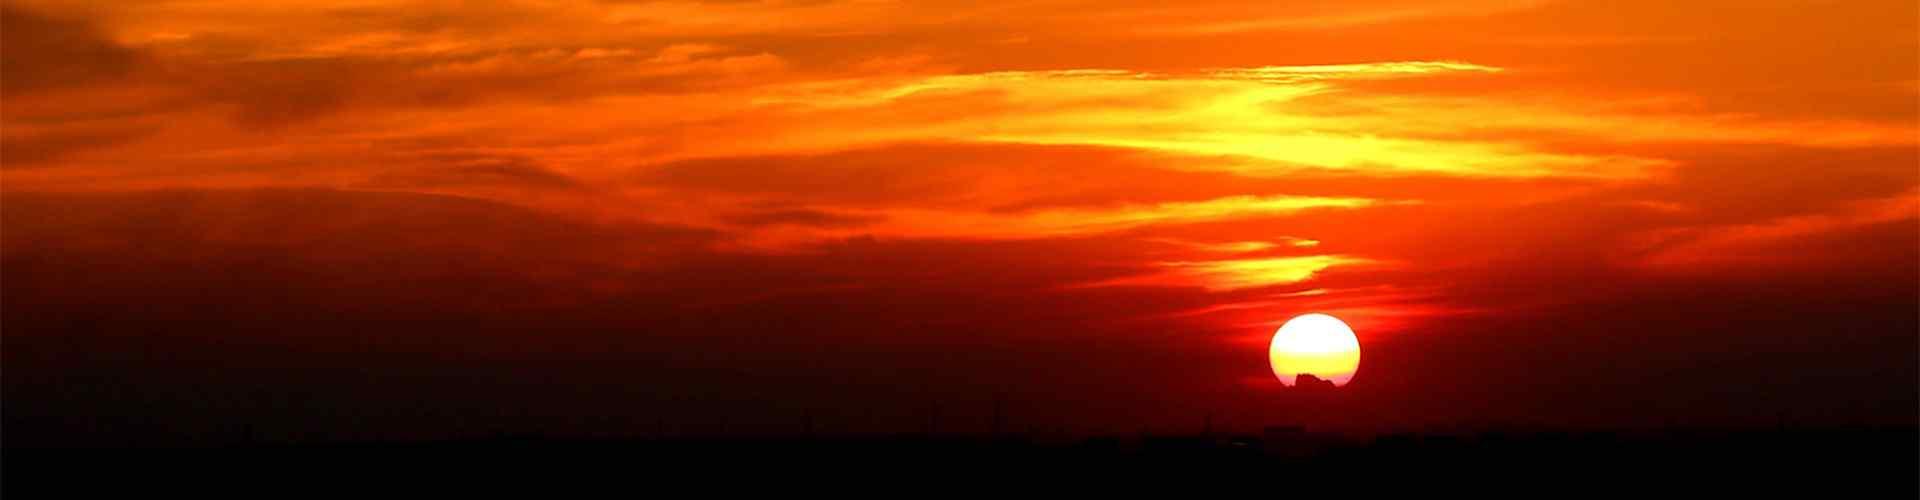 夕阳风景图片_唯美夕阳风景图片_夕阳雪景图片_夕阳风景桌面壁纸、手机壁纸_风景图片